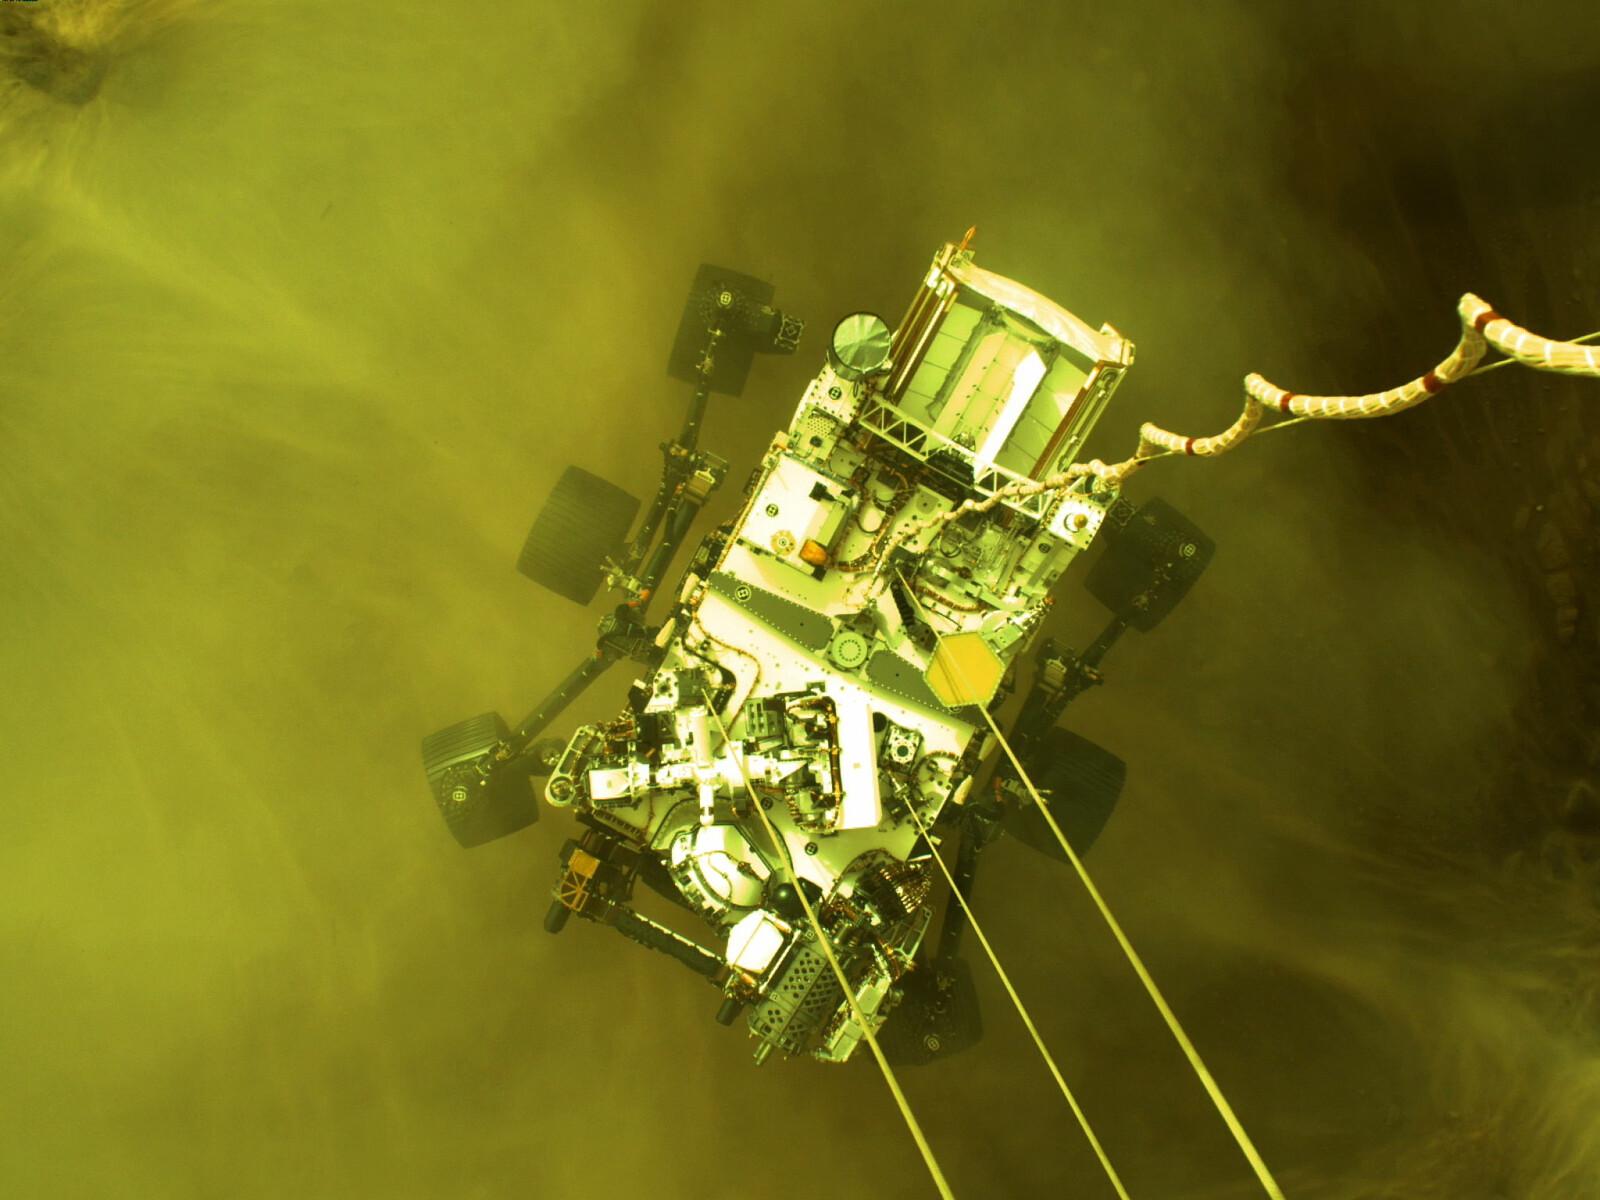 fot. PAP / EPA / NASA / JPL-Caltech HANDOUT